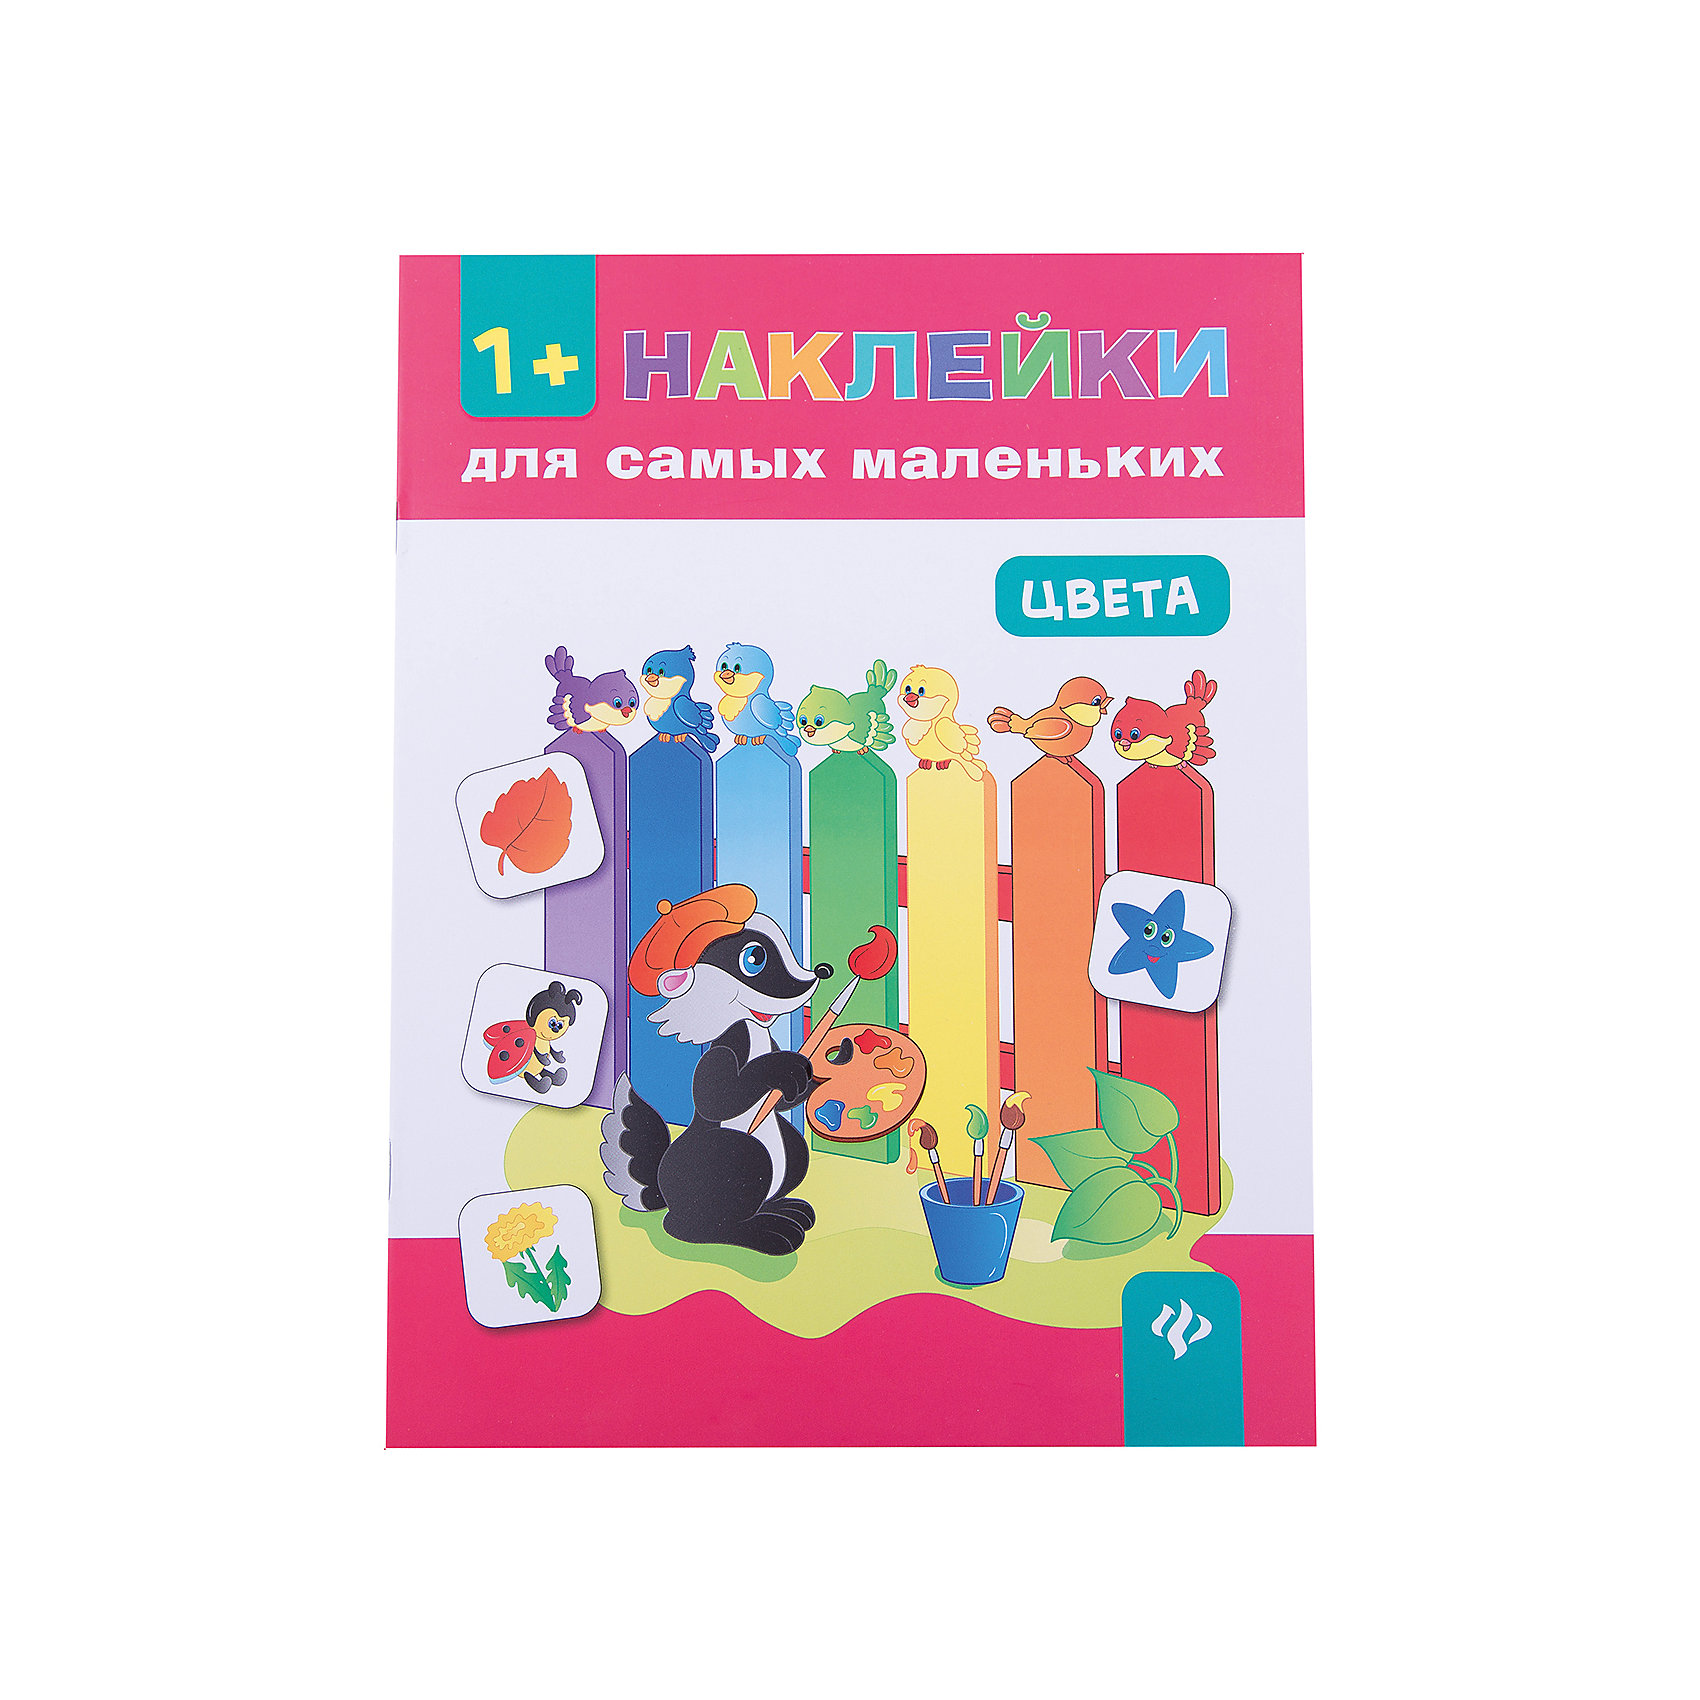 ЦветаЦвета – эта красочная книга с наклейками поможет вашему малышу легко запомнить цвета.<br>Книга «Цвета» из серии «Наклейки для самых маленьких» наверняка понравится малышам, ведь клеить наклейки всегда очень интересно и к тому же полезно, это занятие развивает мелкую моторику рук, способствует развитию внимательности и дарит массу удовольствия! Книга «Цвета» дает малышам возможность не только клеить наклейки, а ещё и пополнить свои знания. Работая с этой книжкой, ребенок познакомится с основными цветами. Каждая страница книги посвящена одному цвету. В соответствии с заданием, нужно дополнить рисунок наклейками с предметами того же цвета, что и на рисунке. Например, к фиолетовым цветам - фиолетовых бабочек, к синему дельфину – синюю морскую звезду и синюю медузу, к желтым утятам - желтое солнце и одуванчики. На каждой странице книги нужно приклеить одну или несколько наклеек, какие именно указано в задании. Наклейки можно наклеивать в любое подходящее место, четких границ нет, поэтому с заданием справятся даже самые маленькие. Наклейки расположены на отдельном развороте. Яркие весёлые иллюстрации и интересные задания книги превратят обучение в увлекательную игру!<br><br>Дополнительная информация:<br><br>- Автор: Ткаченко Ю. А.<br>- Художник: Егорова Т. С.<br>- Редакторы: Ткаченко Ю. А., Привезенцева Н. С.<br>- Издательство: Феникс-Премьер<br>- Серия: Наклейки для самых маленьких<br>- Тип обложки: мягкий переплет (крепление скрепкой или клеем)<br>- Оформление: с наклейками, частичная лакировка<br>- Иллюстрации: цветные<br>- Количество страниц: 8 (мелованная)<br>- Размер: 260x200x2 мм.<br>- Вес: 74 гр.<br><br>Книга «Цвета» - это издание, предназначенное для совместной работы взрослых с детьми дошкольного возраста.<br><br>Книгу «Цвета» можно купить в нашем интернет-магазине.<br><br>Ширина мм: 200<br>Глубина мм: 1<br>Высота мм: 257<br>Вес г: 70<br>Возраст от месяцев: 12<br>Возраст до месяцев: 24<br>Пол: Унисекс<br>Возраст: Детский<br>SKU: 4994804